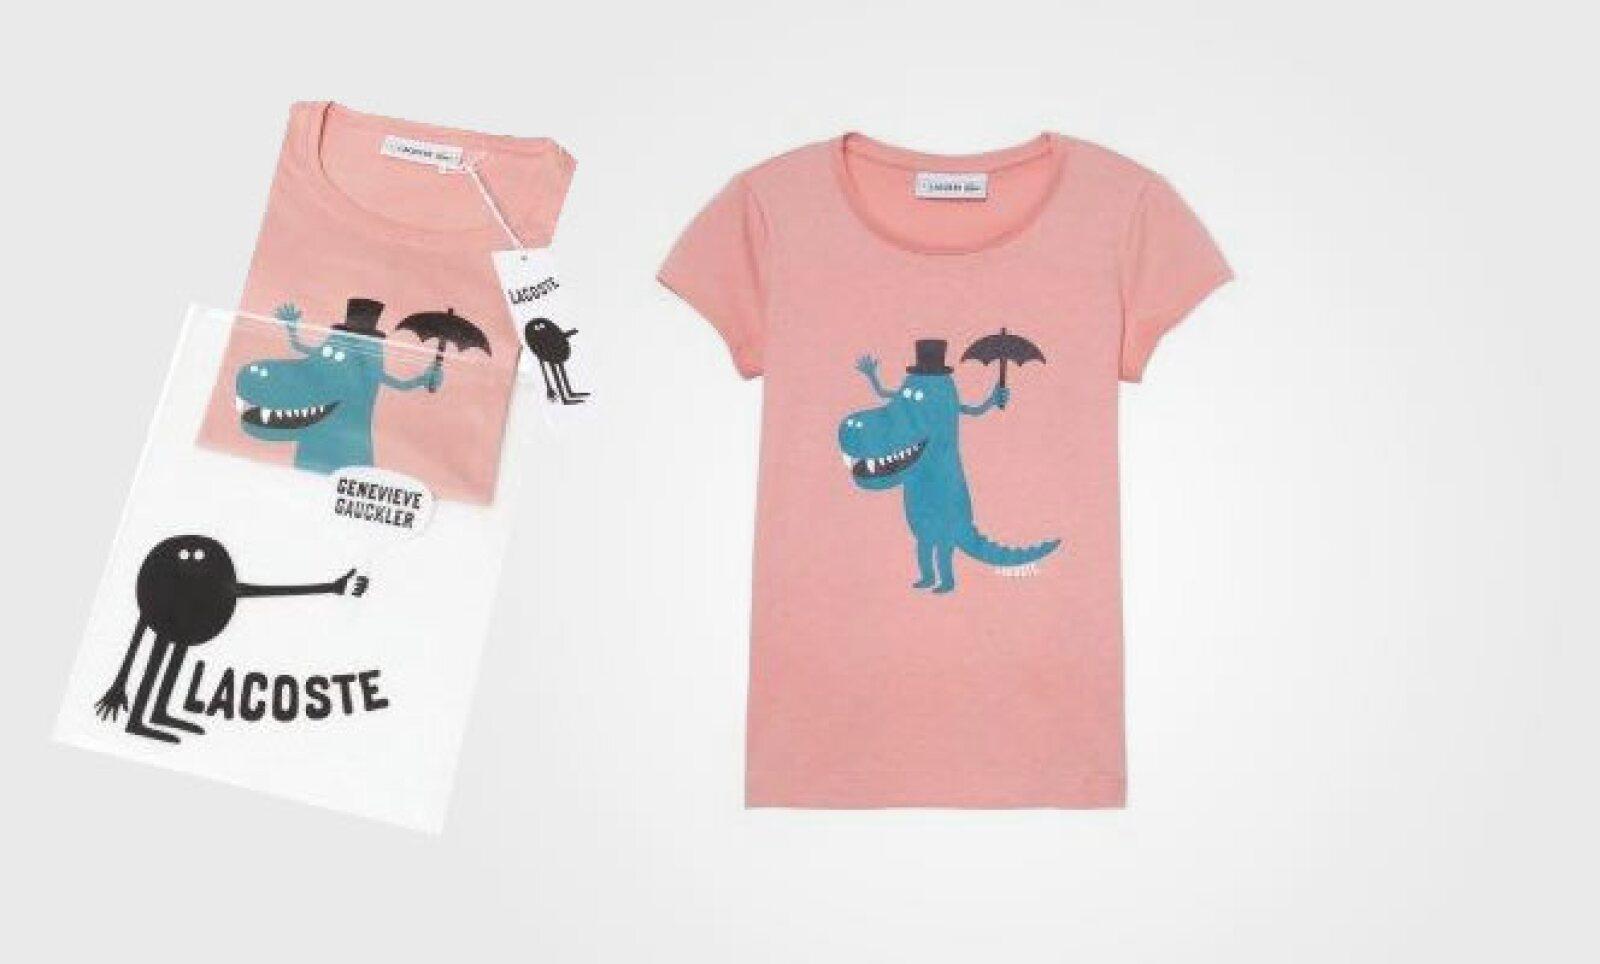 De esta colección provienen  cuatro  camisetas para niños en colores azul, gris, blanco y verde y tres para niñas en rosa, blanco y rojo.